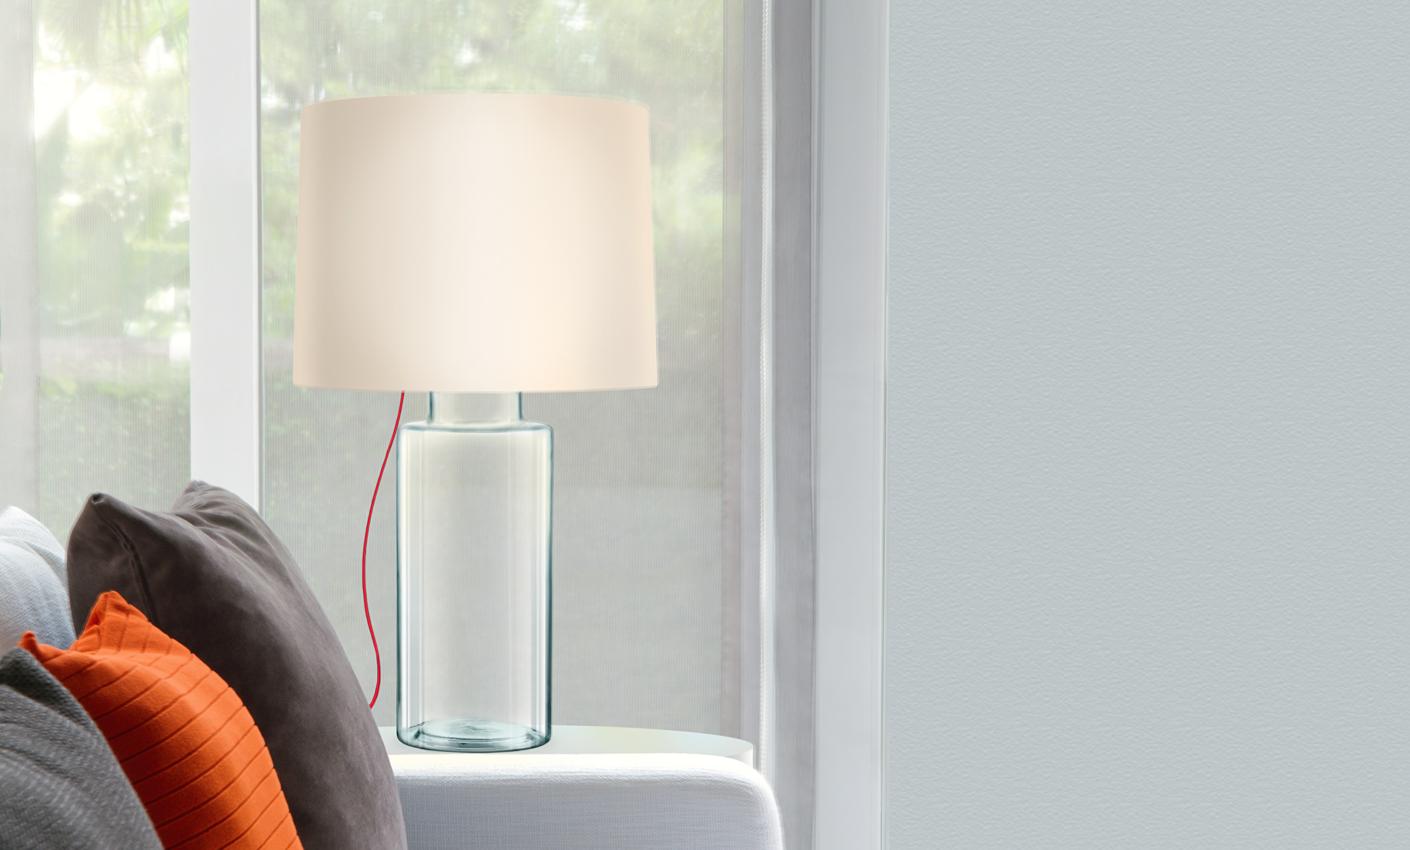 sonneman Vaso Table Lamp living room